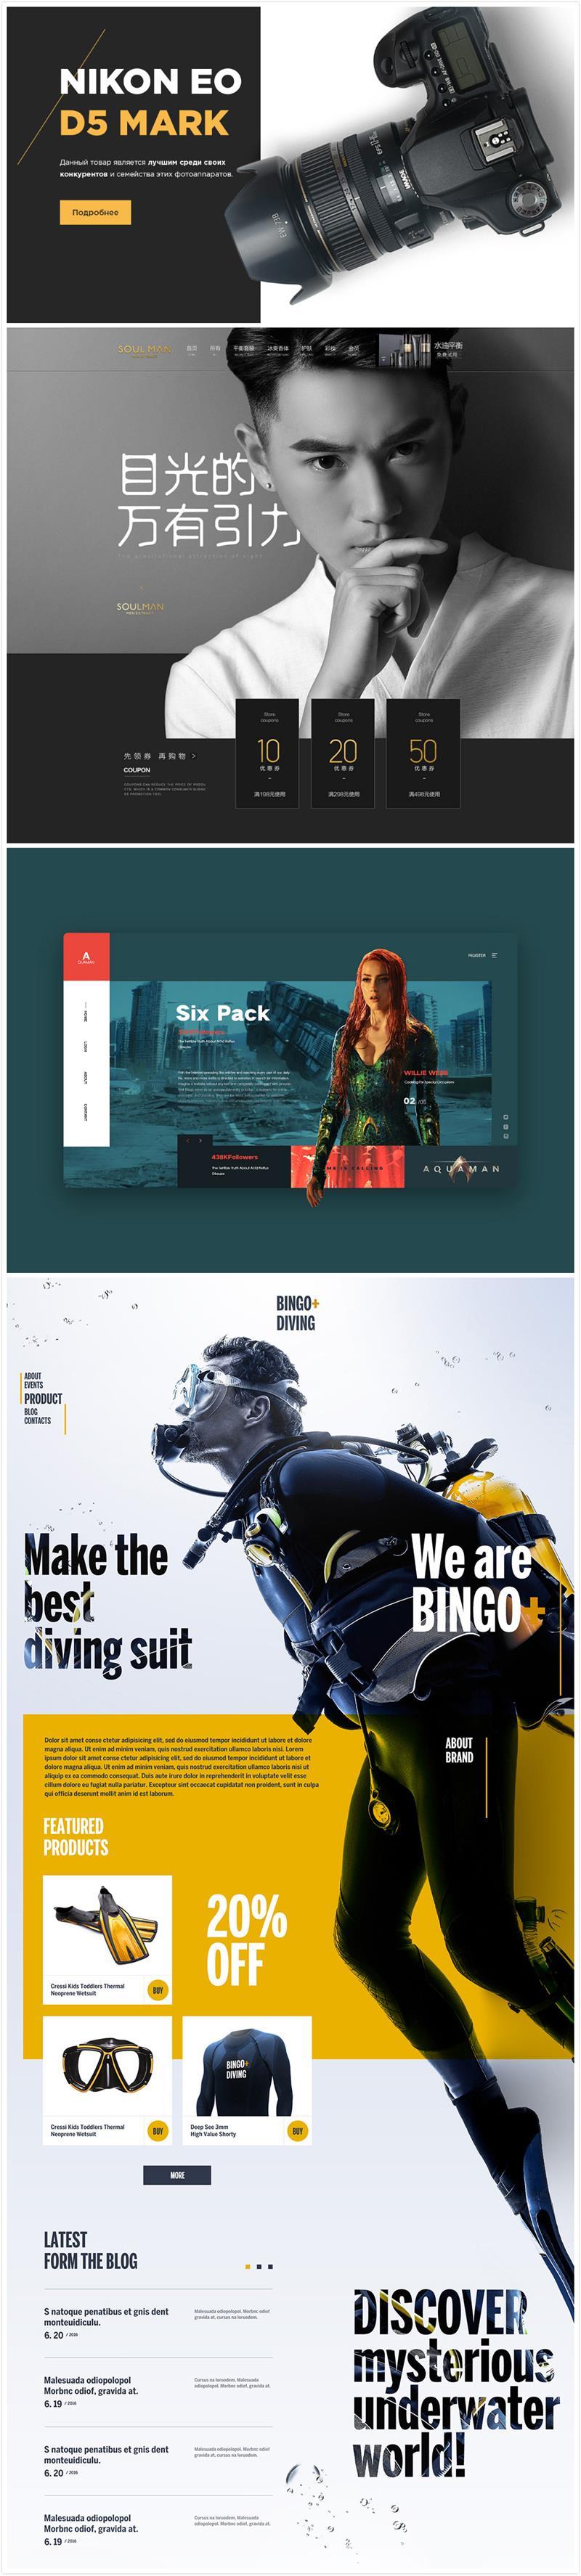 为什么你的设计很平淡?这2个技巧让作品更出彩!